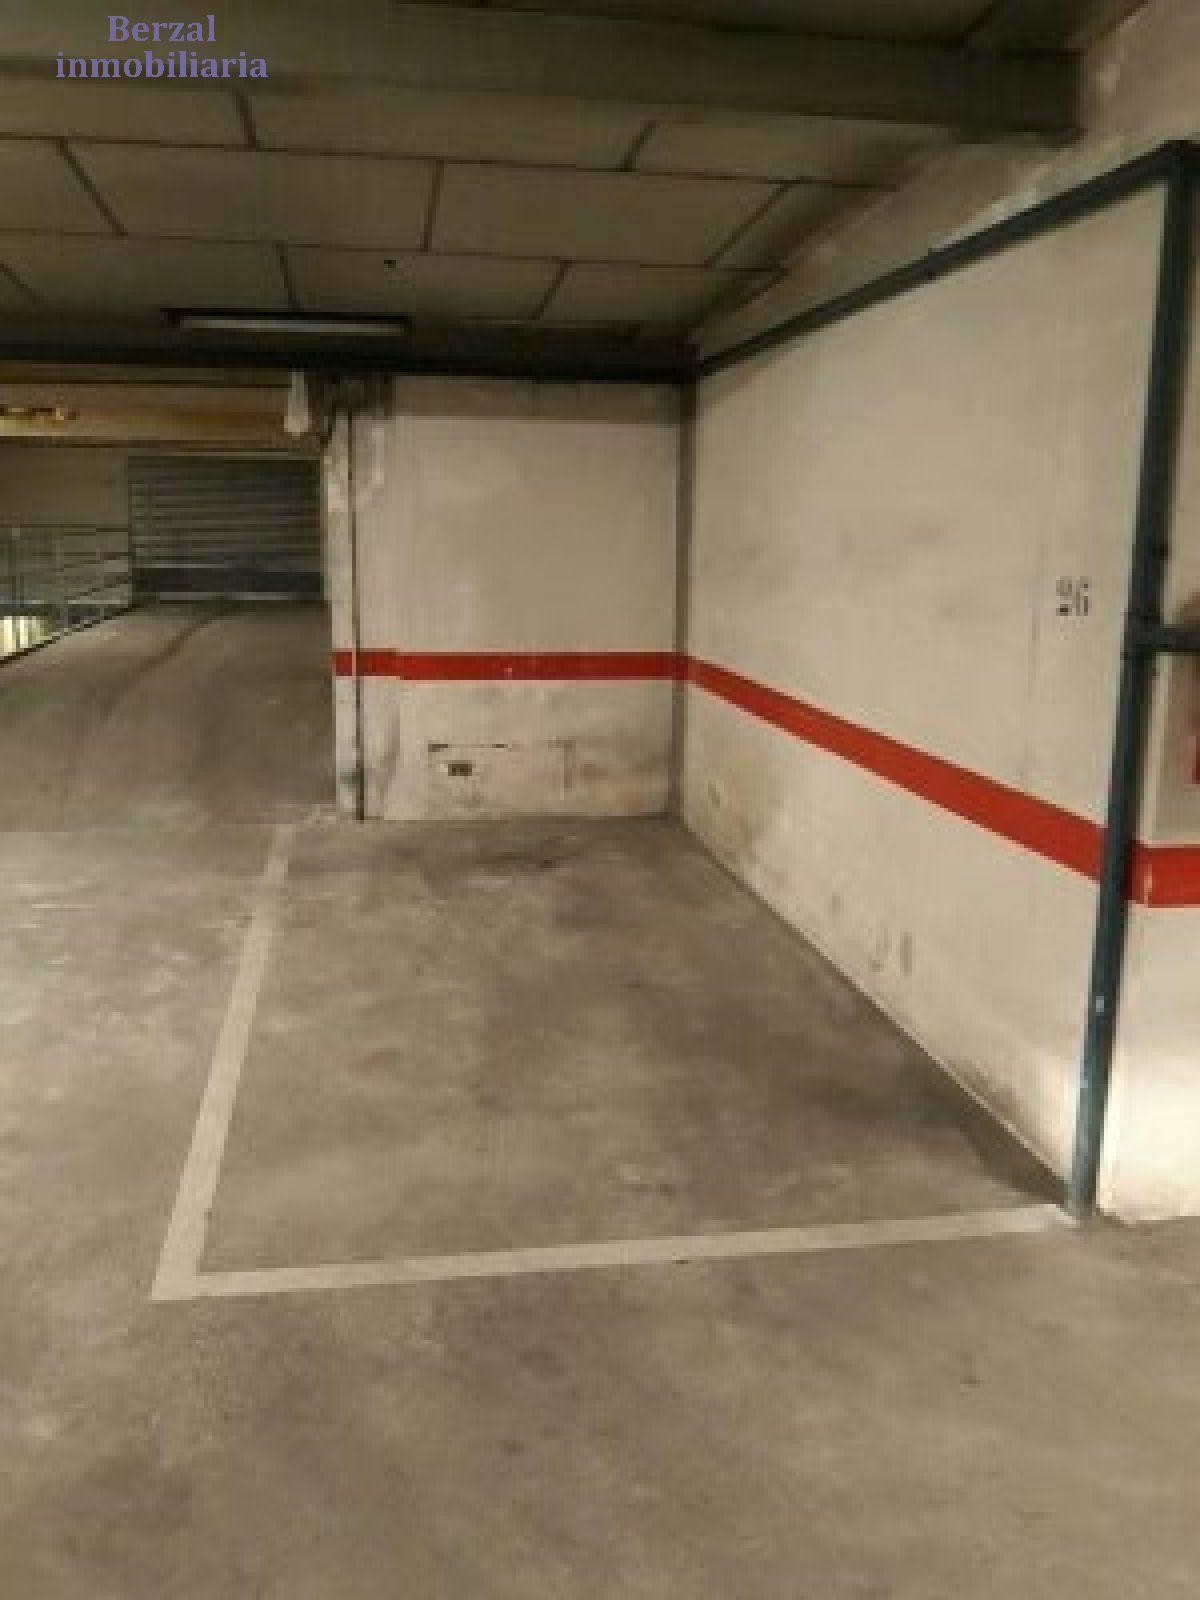 Garaje en alquiler en Ayuntamiento, Logroño